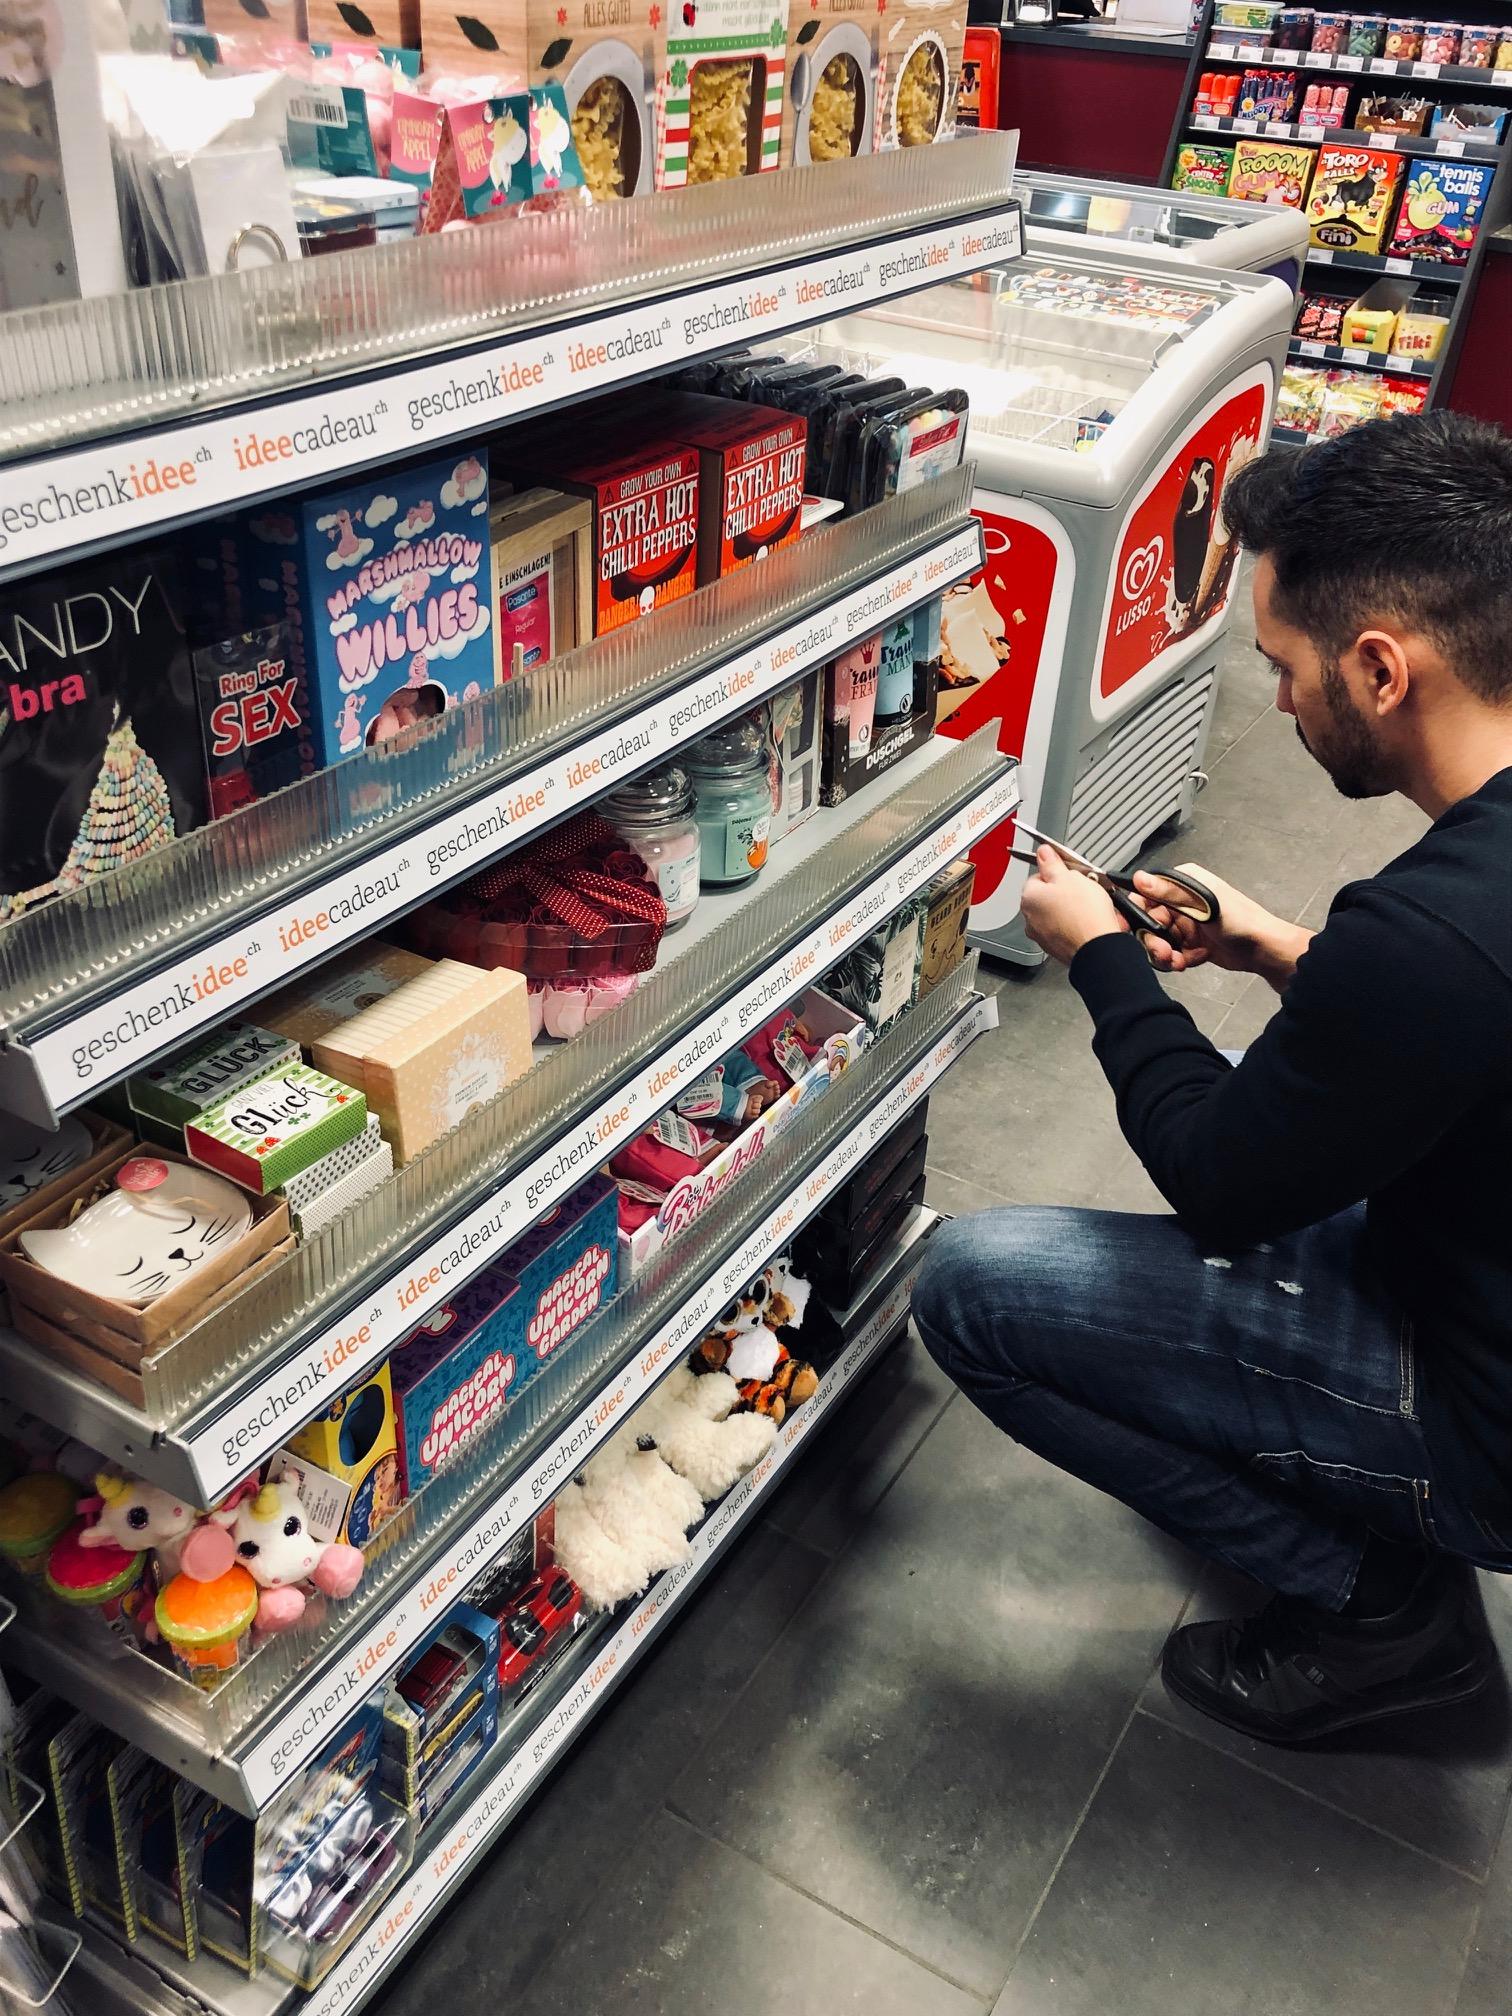 Onlinehändler geschenkidee.ch macht einen Ausflug in die Offline-Welt